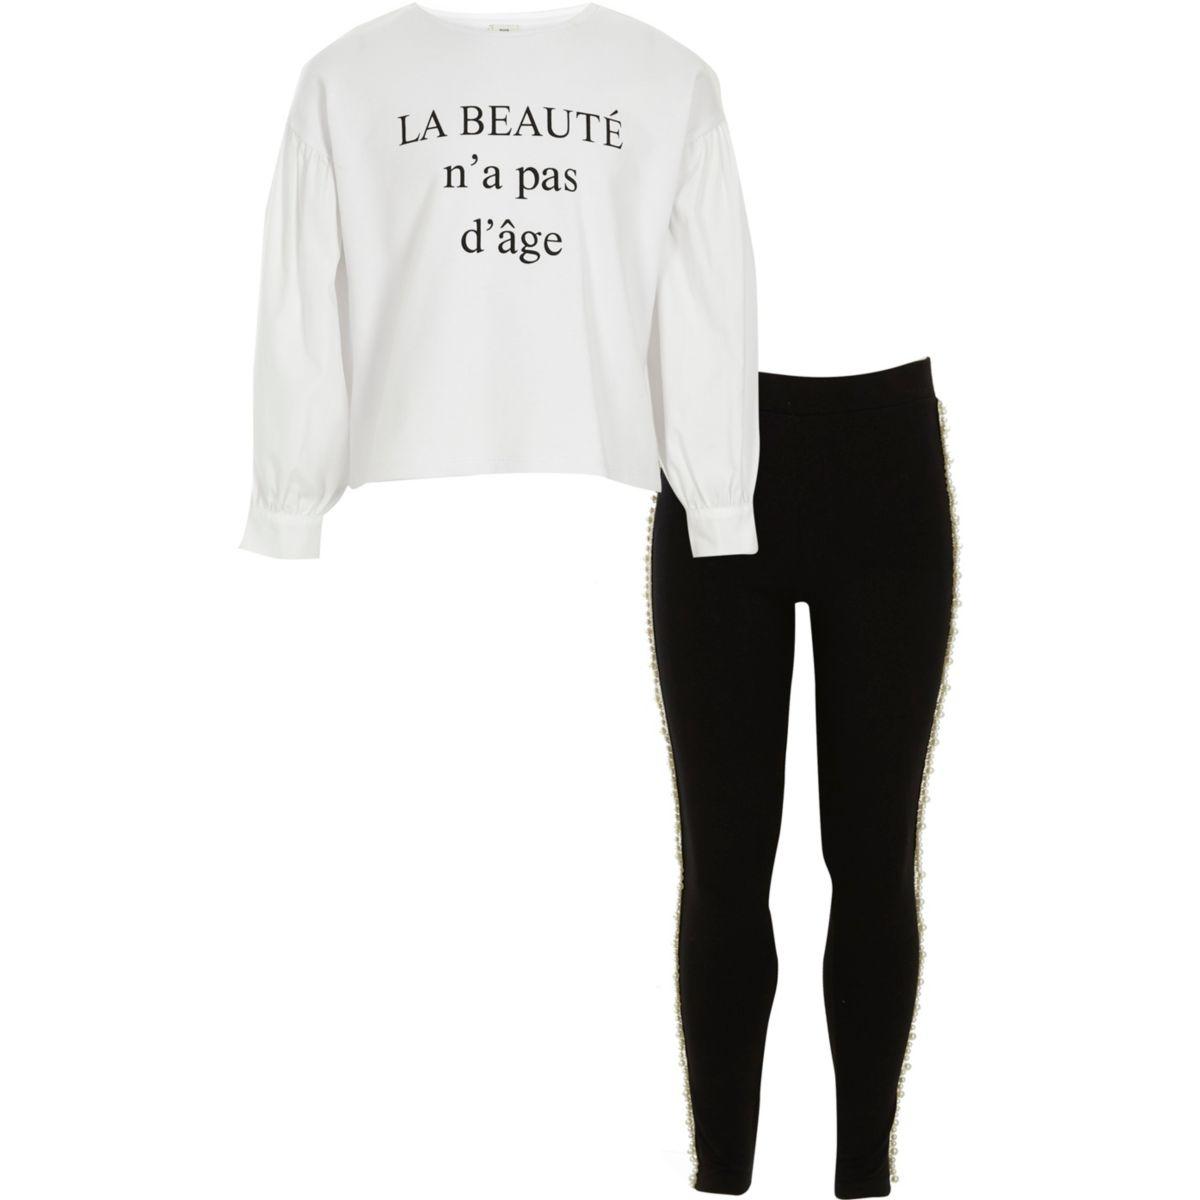 Ensemble legging et haut «beauté» blanc pour fille